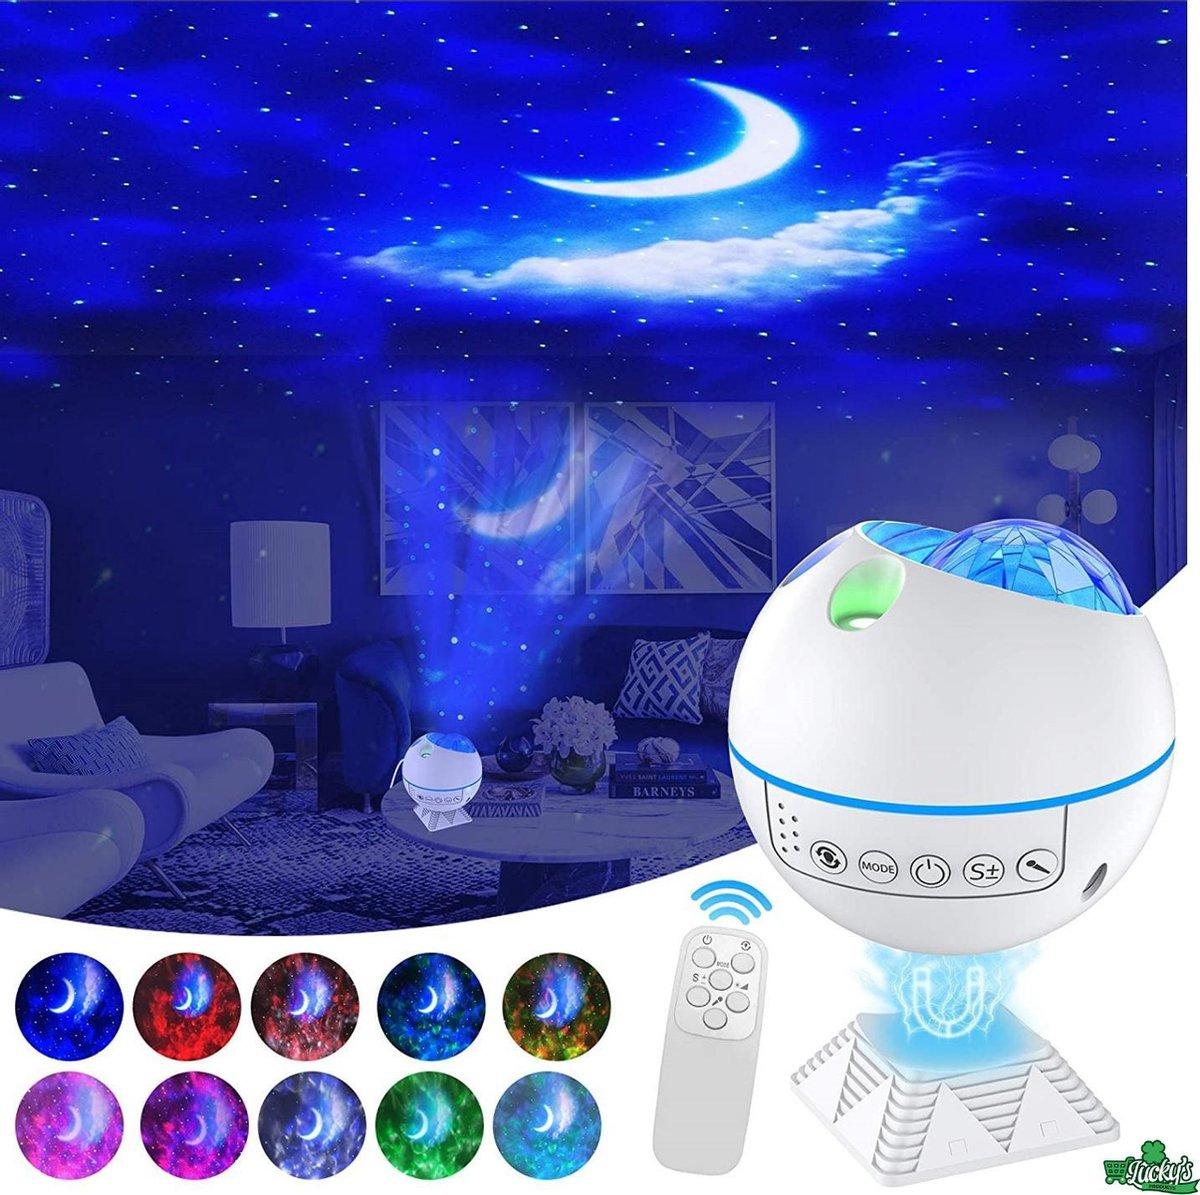 3 in 1 Sterren Projector - Galaxy Projector - 2021 Model - Star Projector - Sterrenhemel Projector - LED Lamp - Nachtlamp - Wit